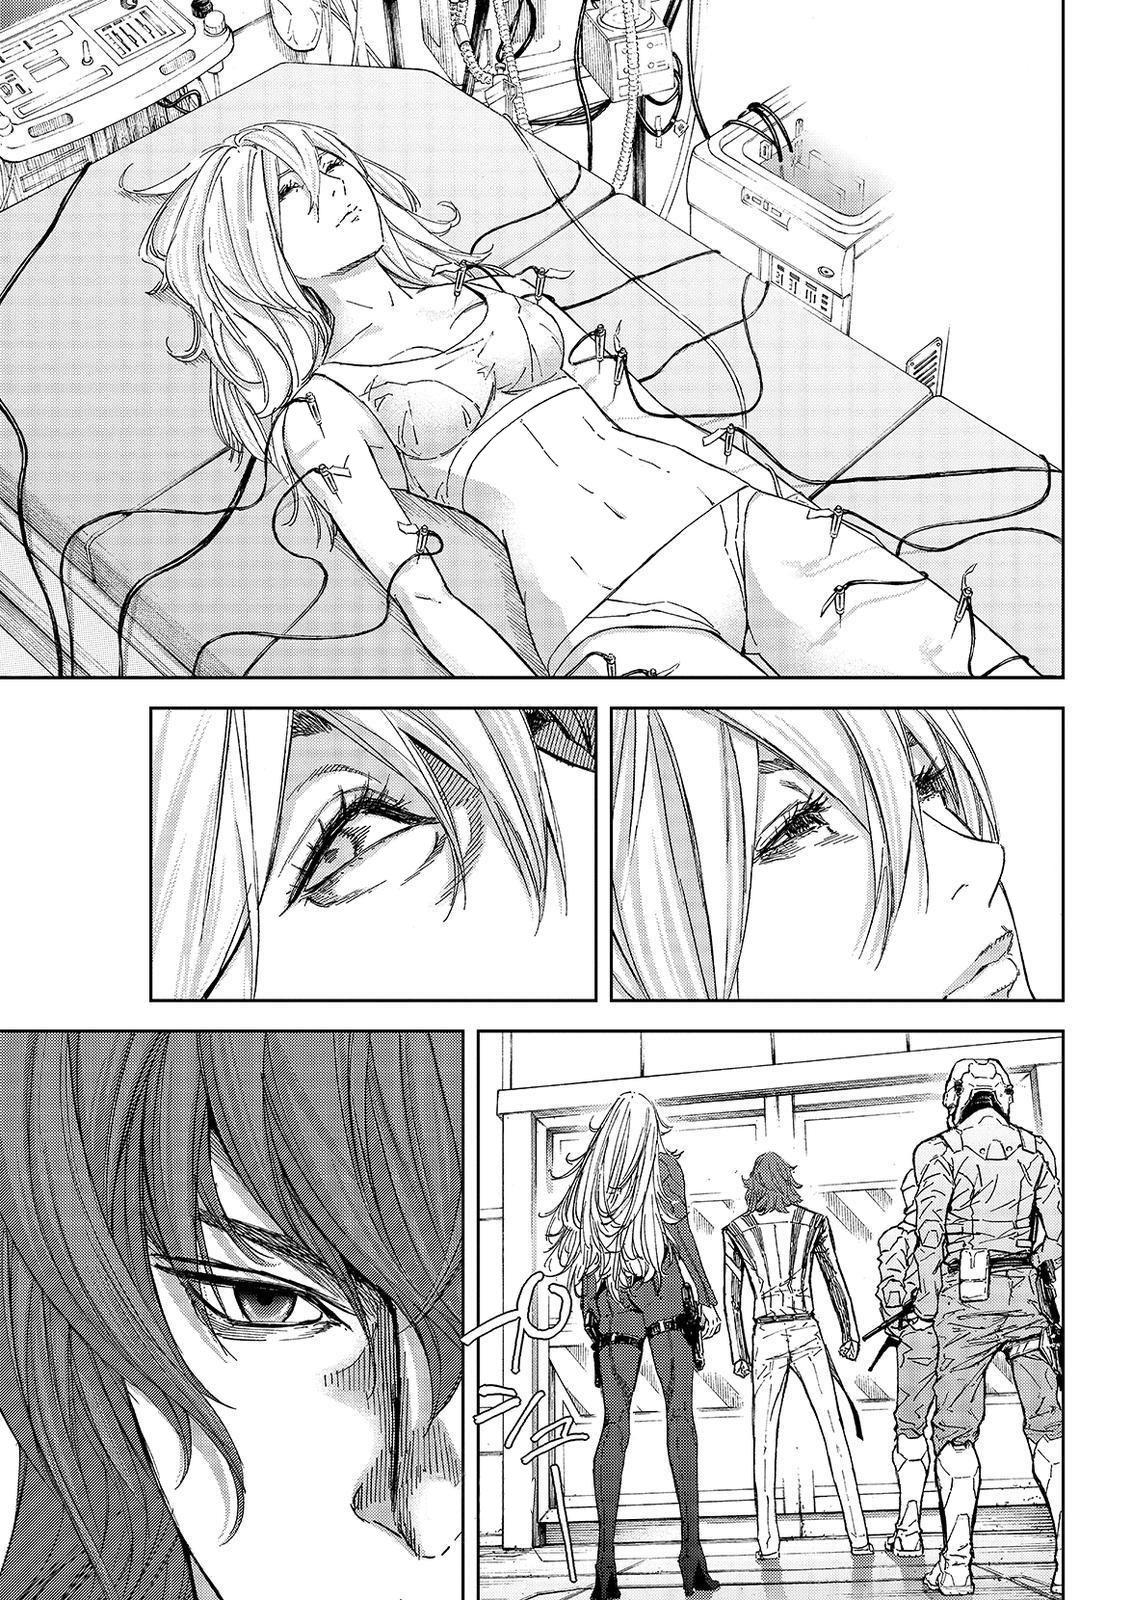 http://c5.ninemanga.com/es_manga/pic2/54/16310/502825/92f75eaab29dd31e16b4b88cff13c6fb.jpg Page 4